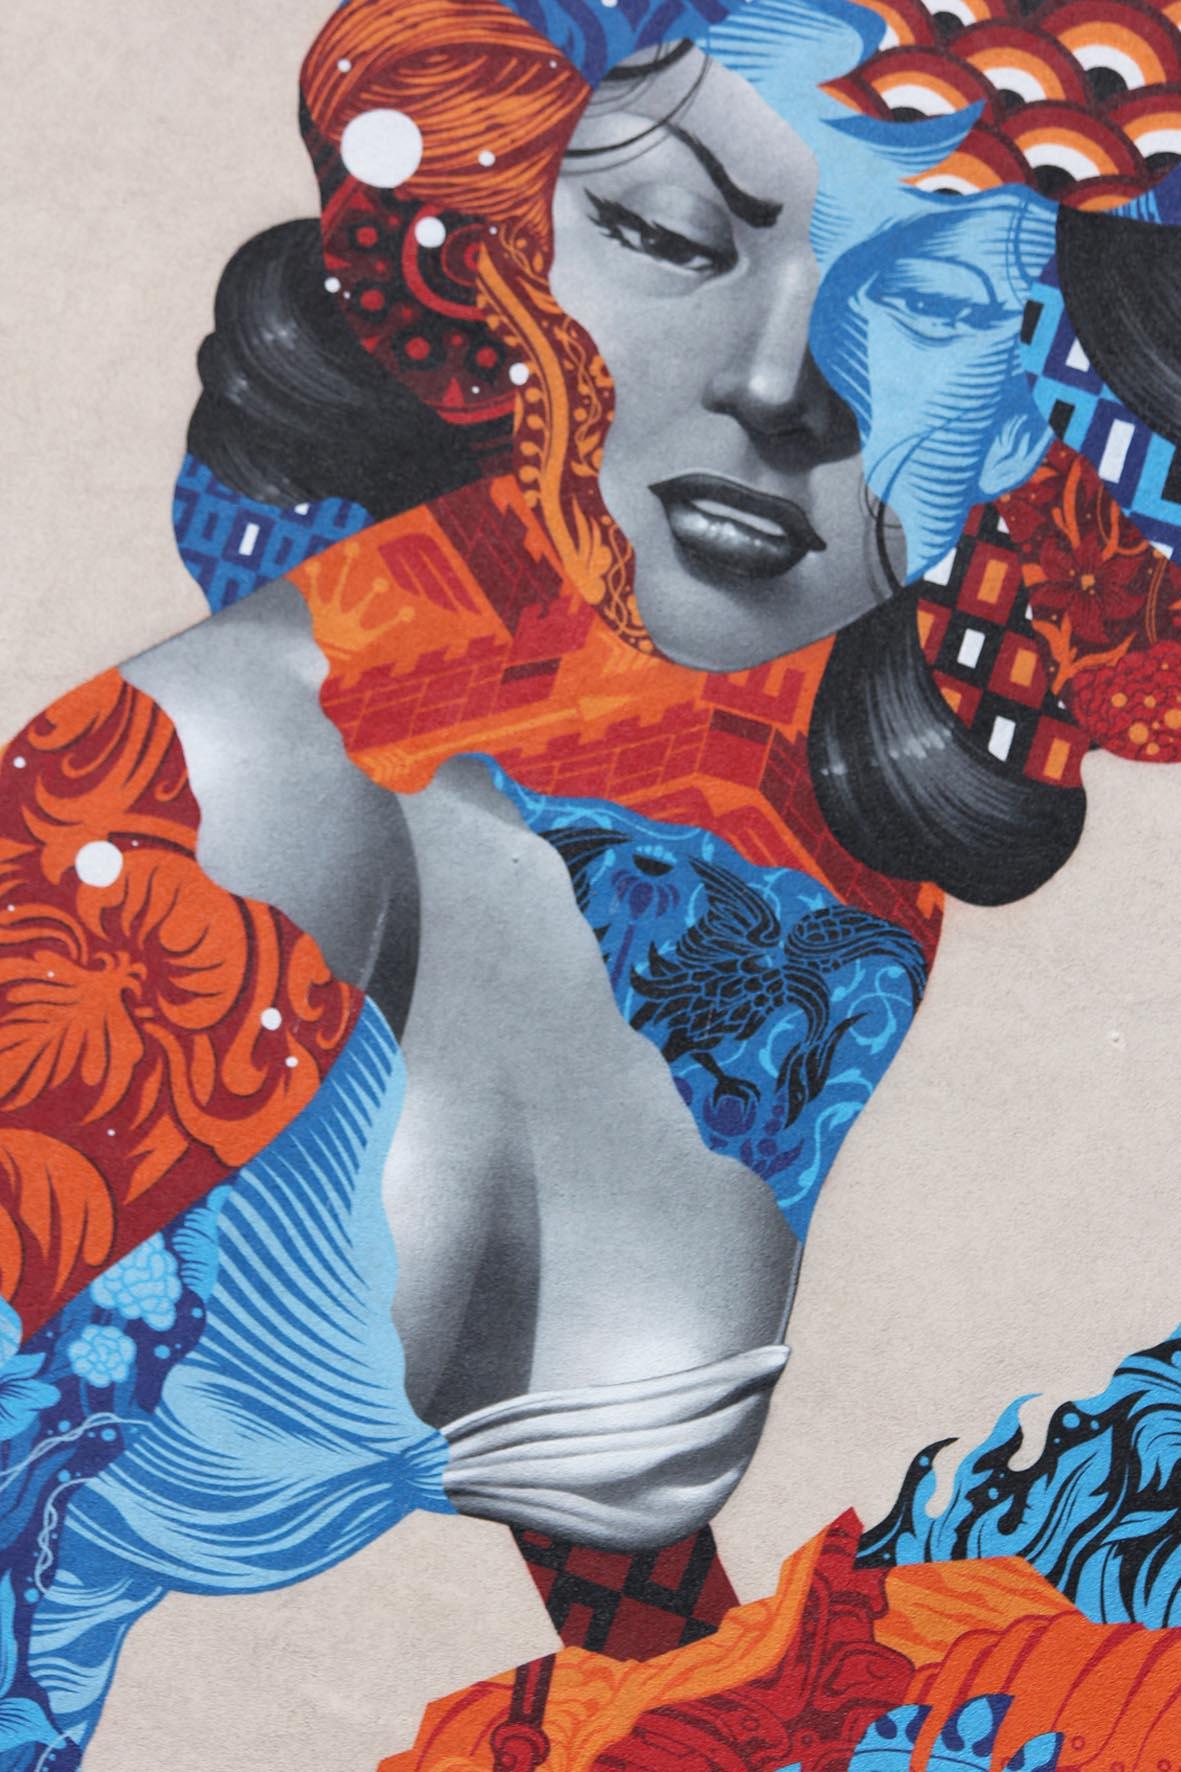 Eine Nahaufnahme des Gesichts und Oberkörpers des Street Art Murals Attack of the 50 Foot Socialite von Tristan Eaton am Am Friedrichshain 33 in Berlin